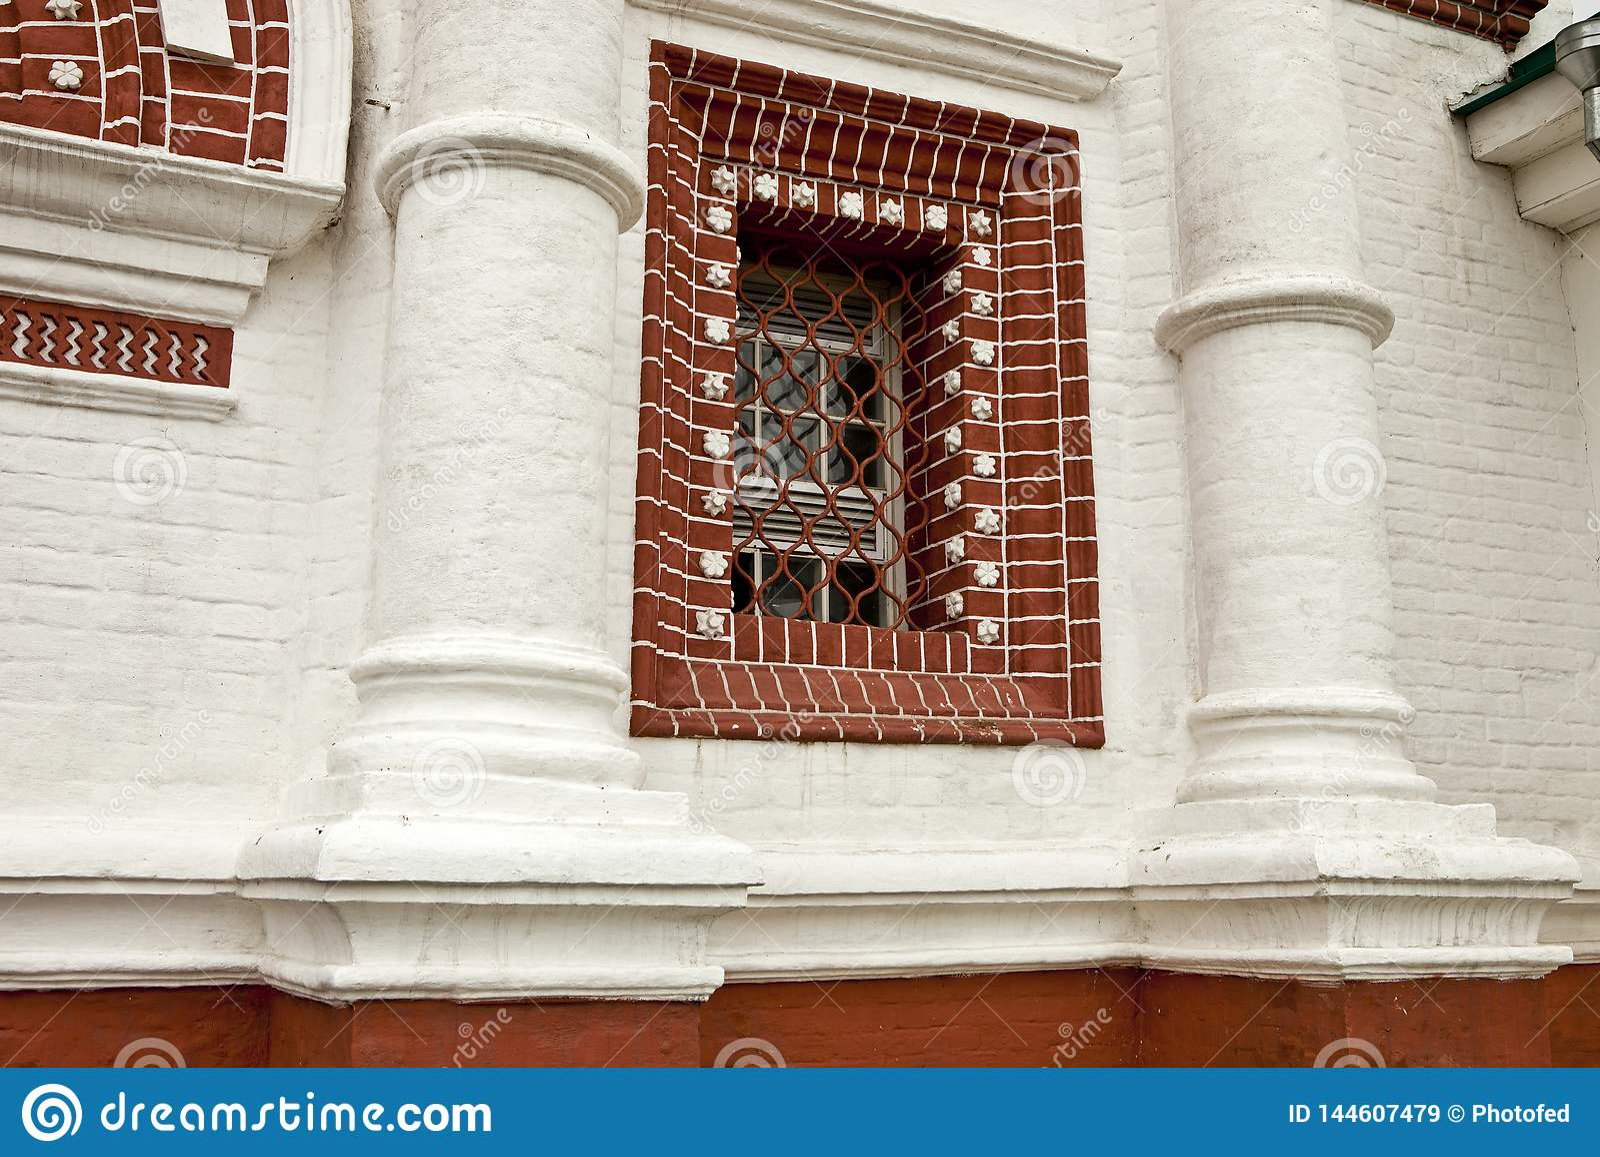 Архитектура, ретро, год сбора винограда, кирпичная кладка, белый кирпи